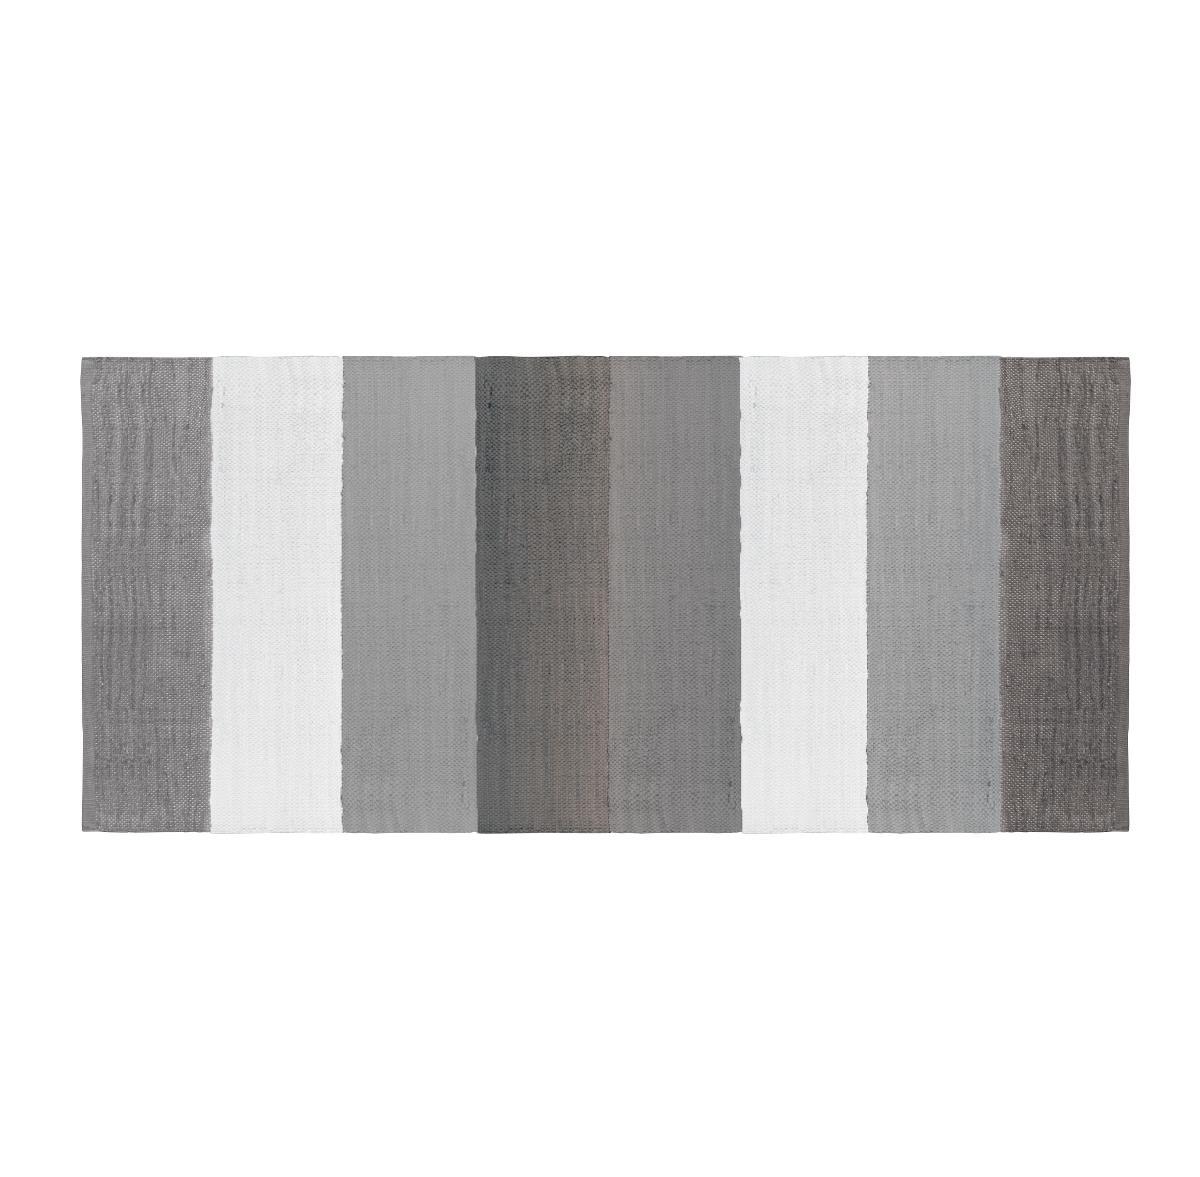 Vävd matta till barnrum grå, Sebra Interiör